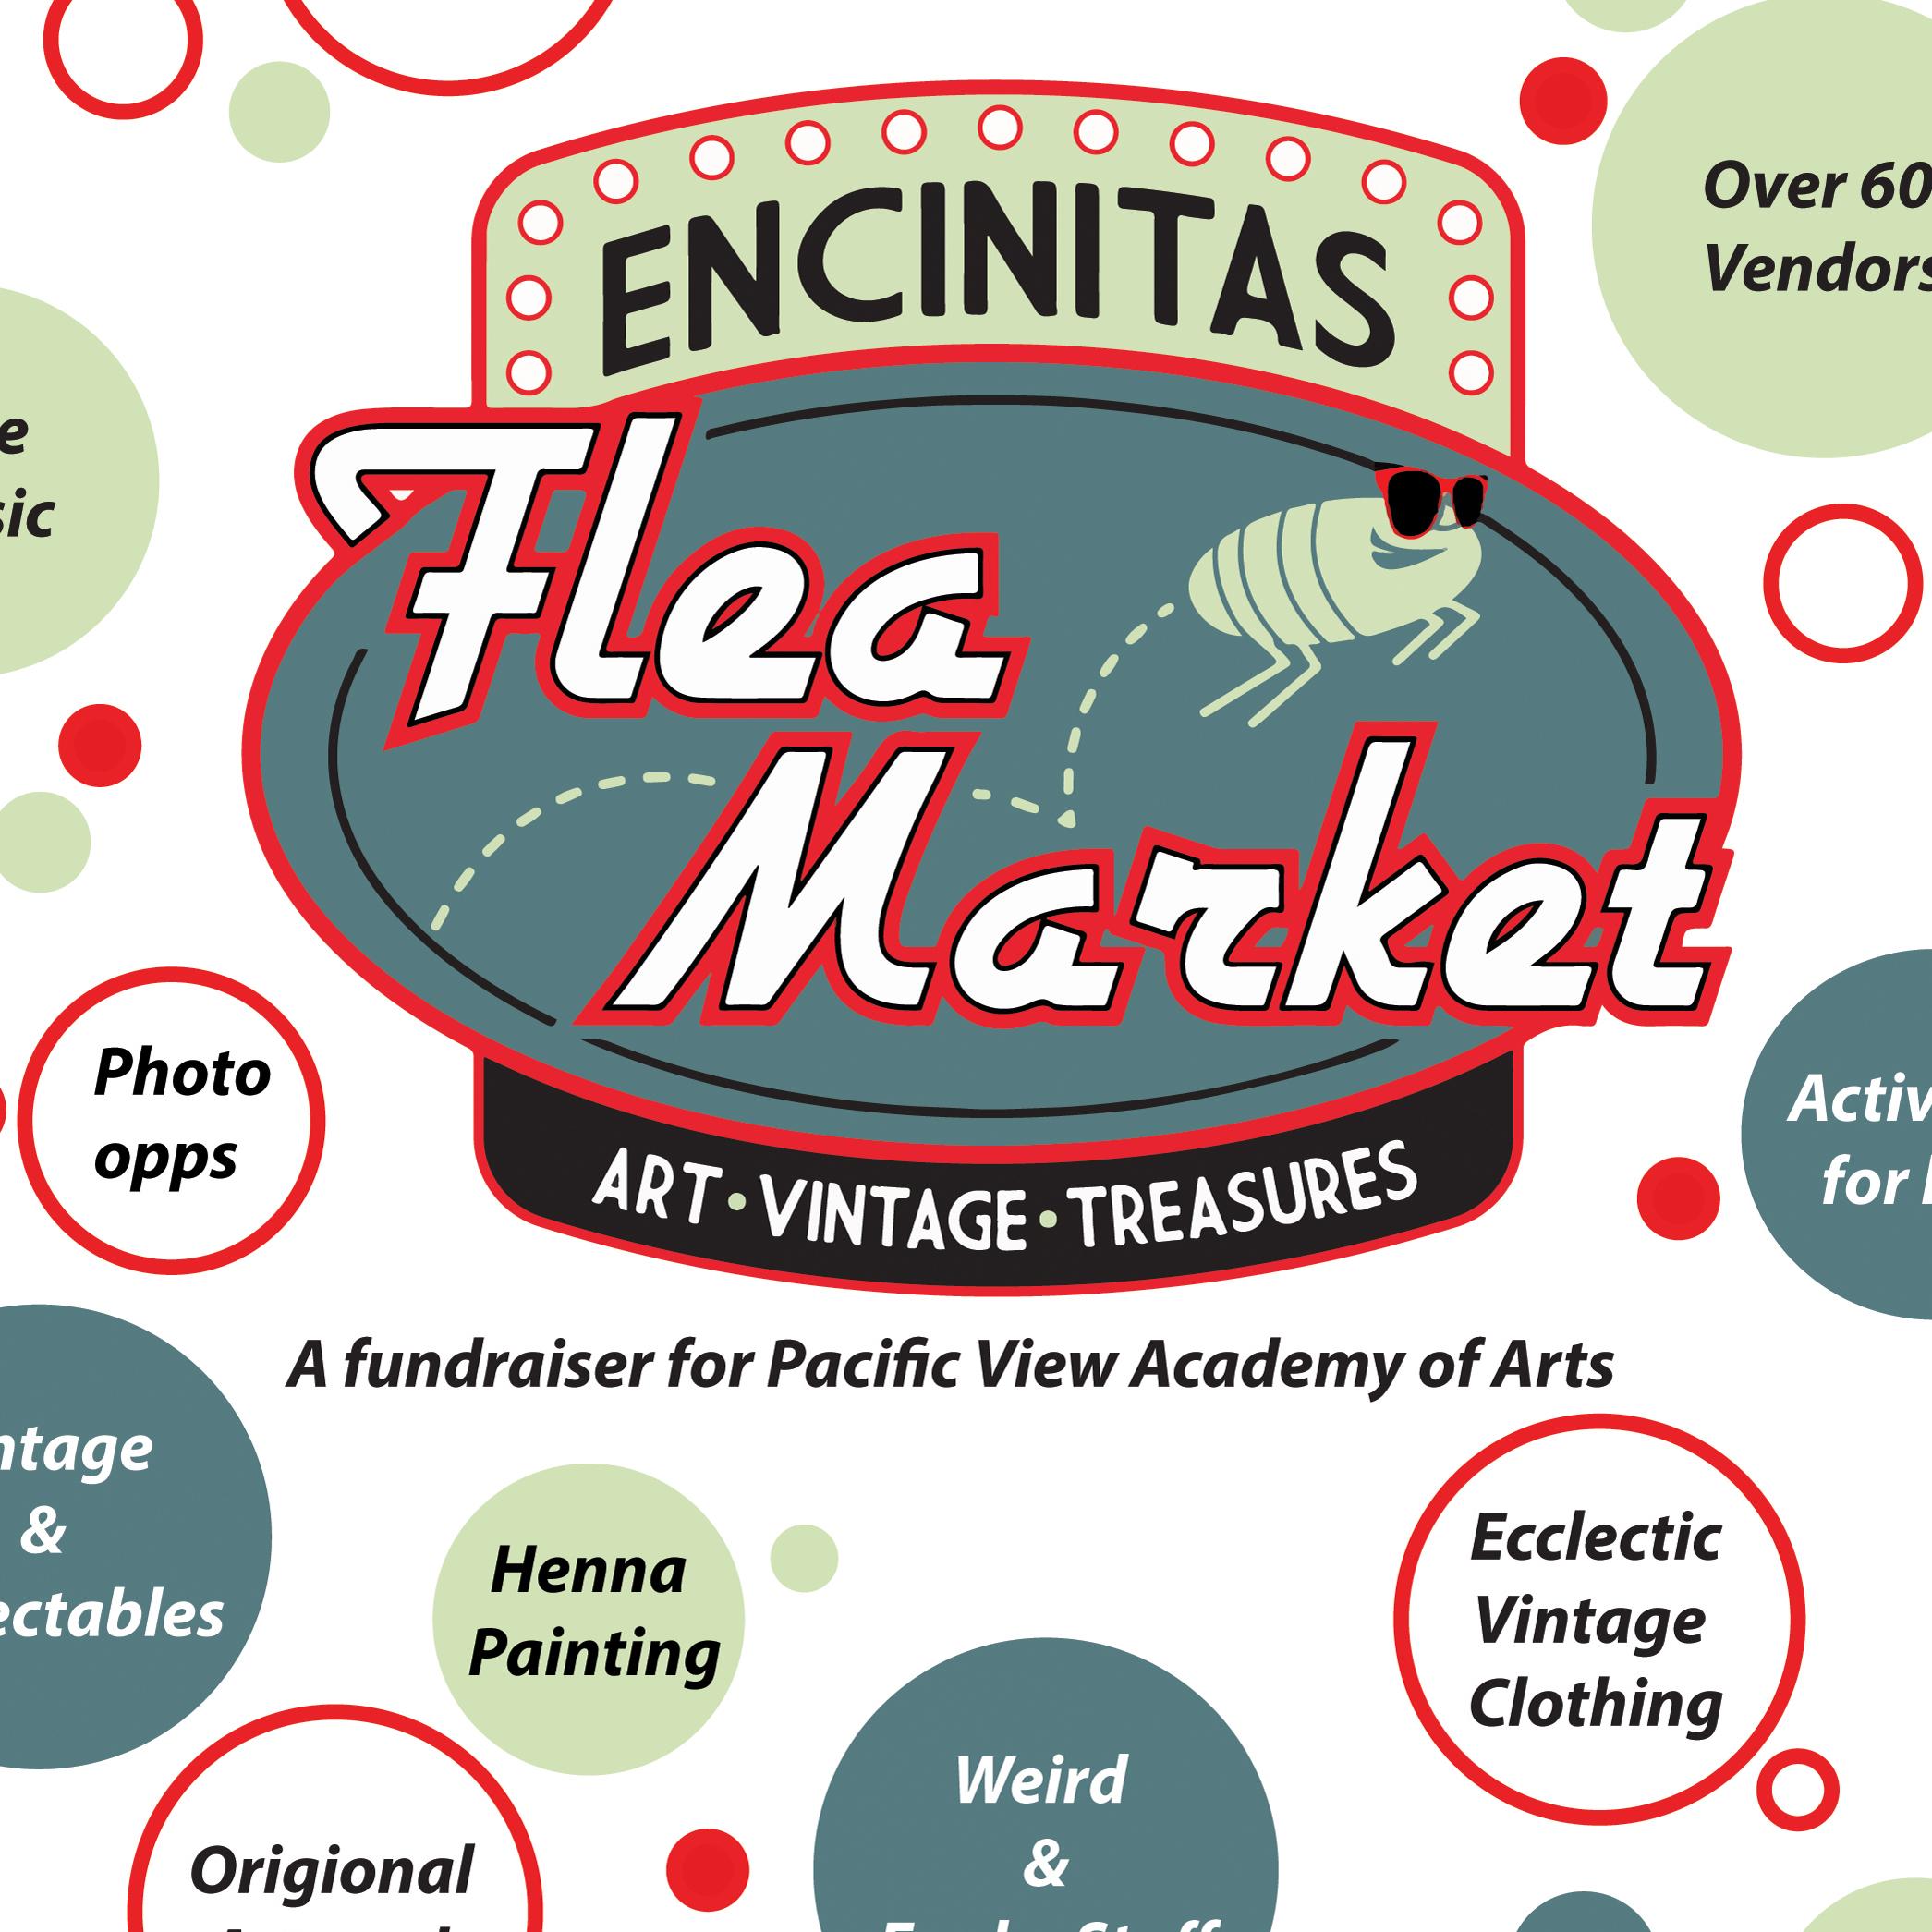 The Encinitas Flea Market